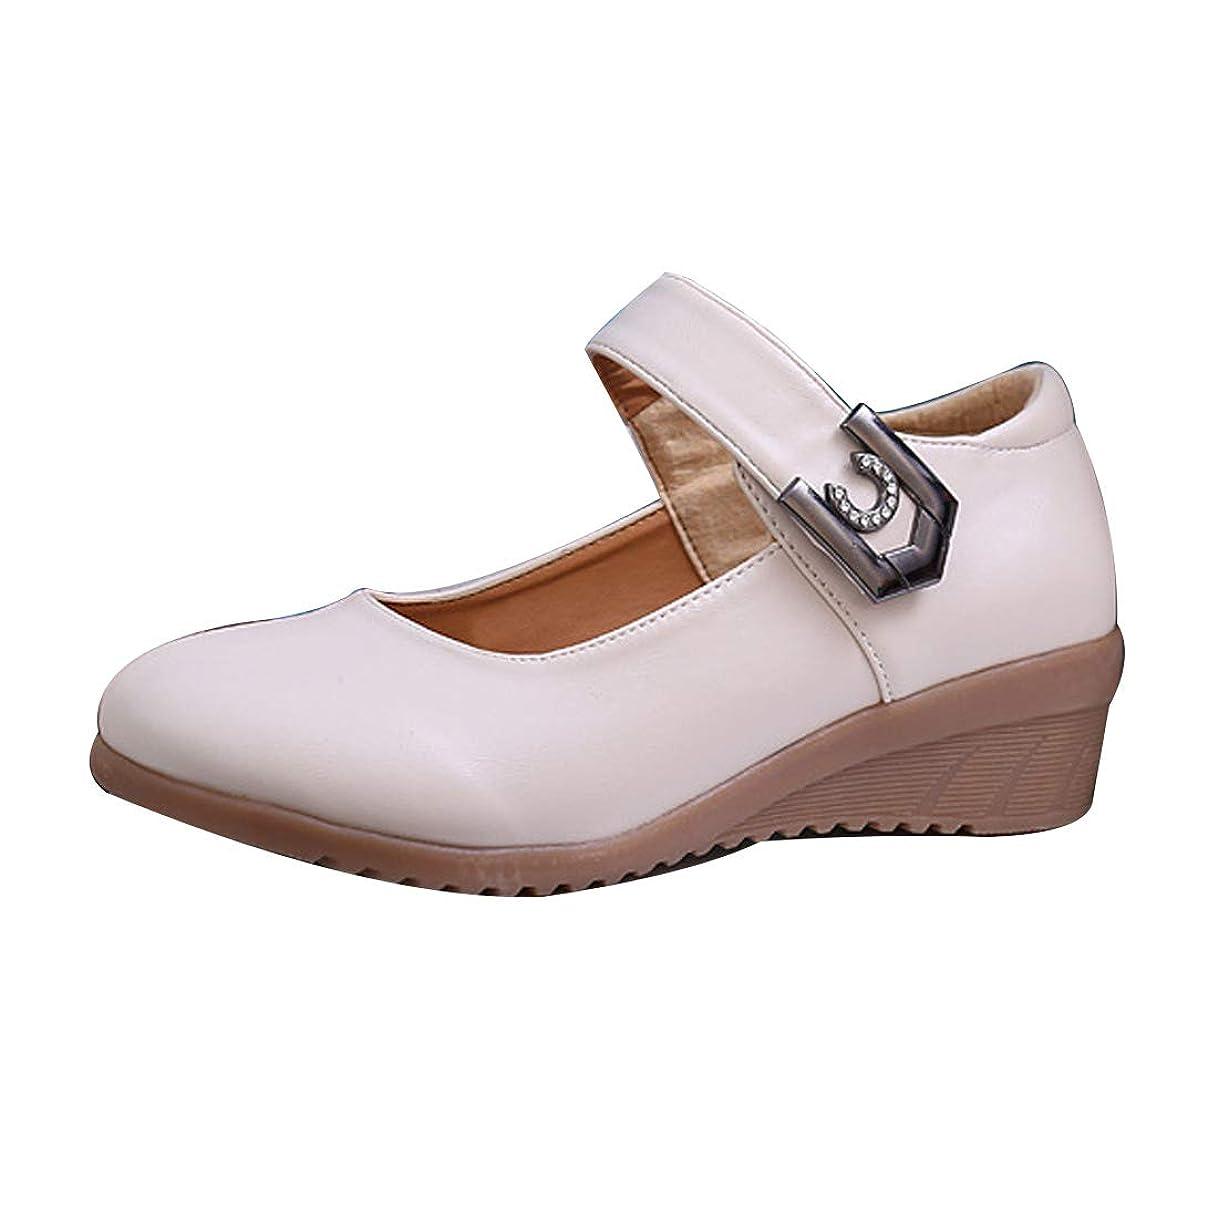 アルコール巨大回転させる[Inlefen] ダンシング 靴 快適 シングルシューズ 婦人向け ソリッドカラー ダンスシューズ